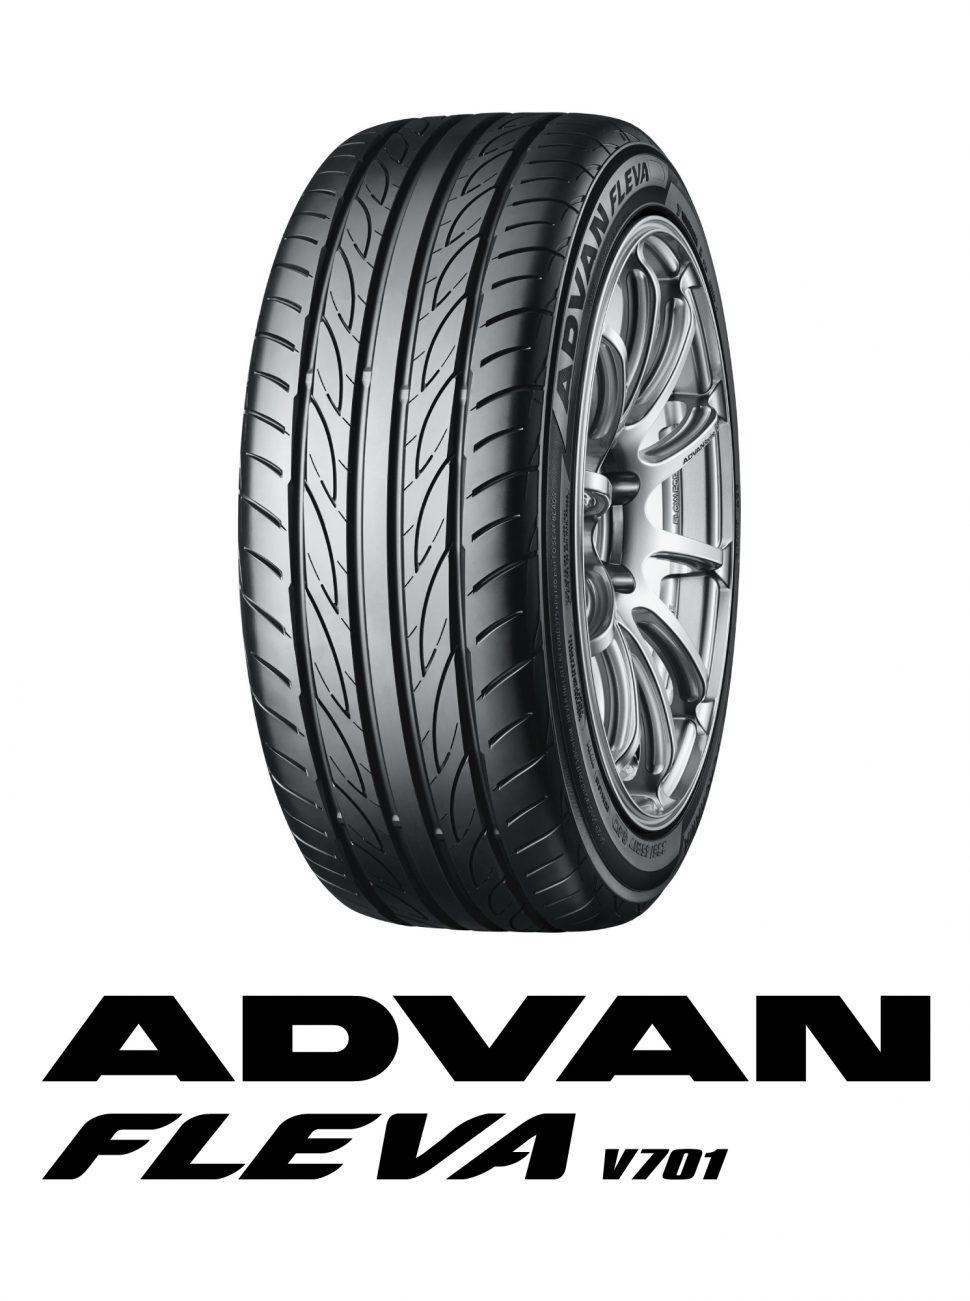 アドバン・フレバV701